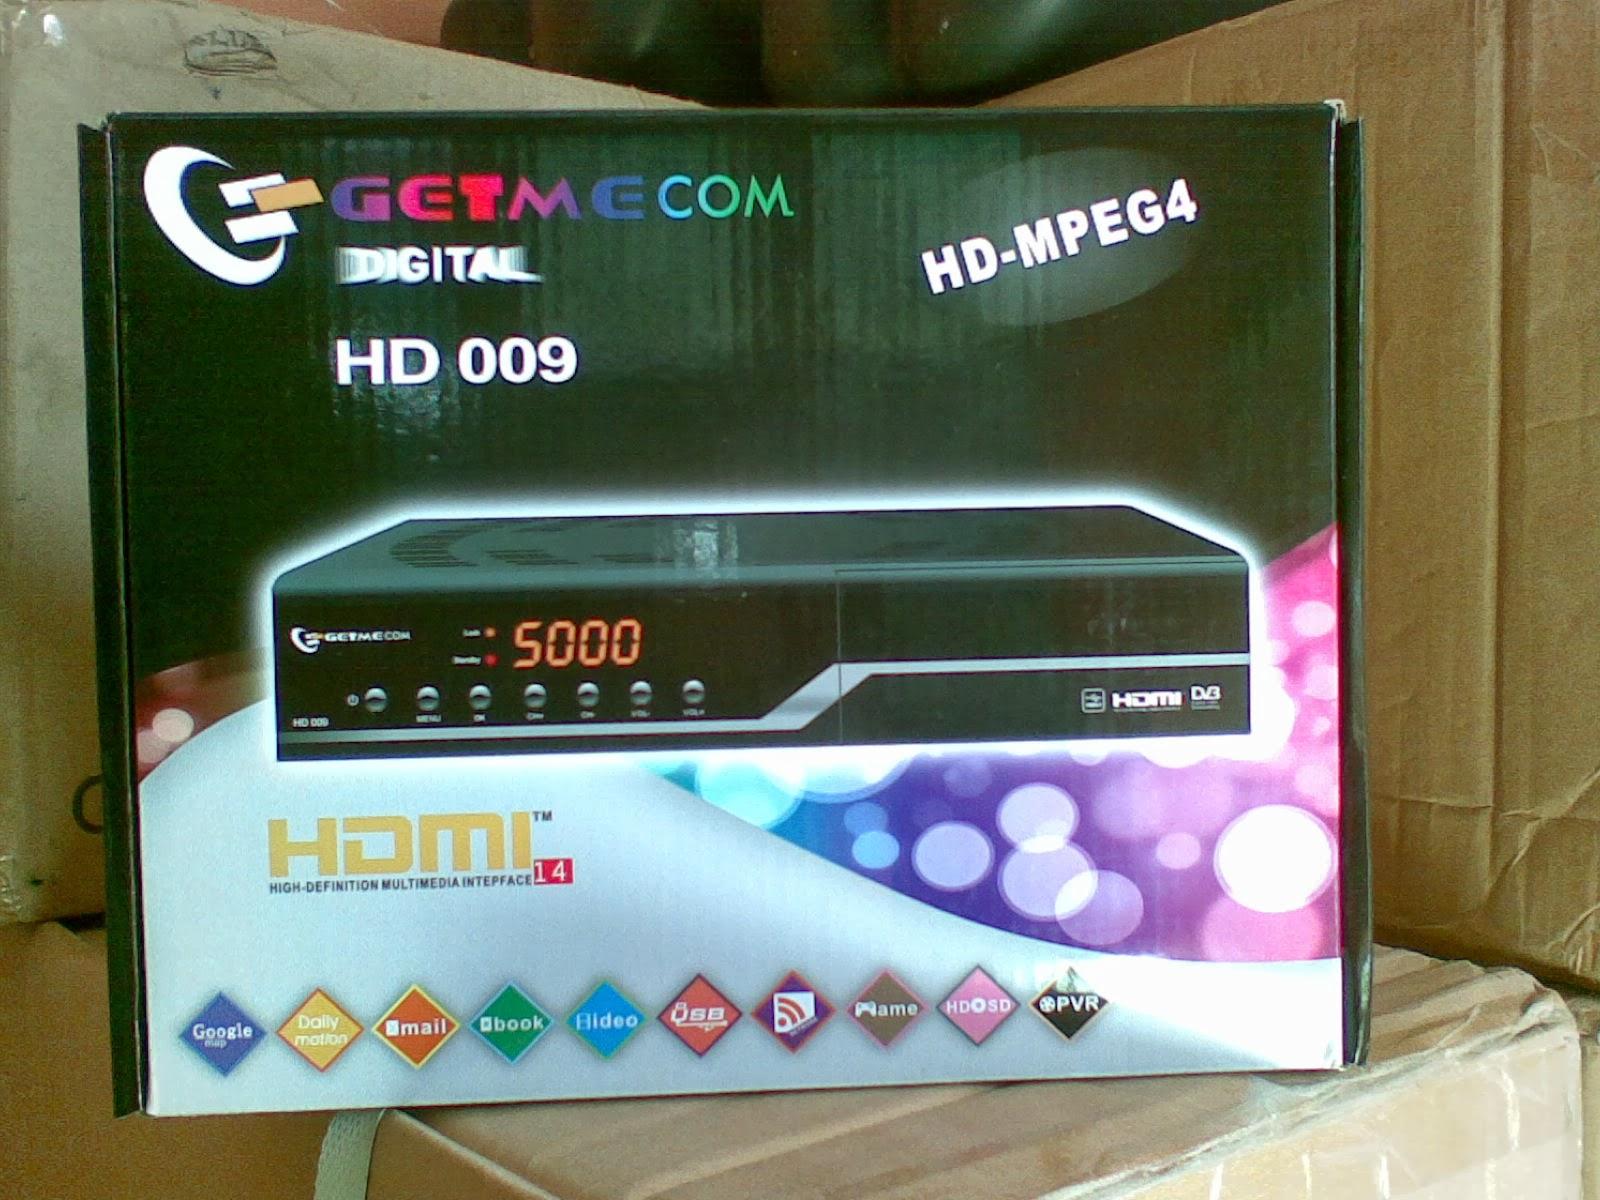 GETMECOM HD 009